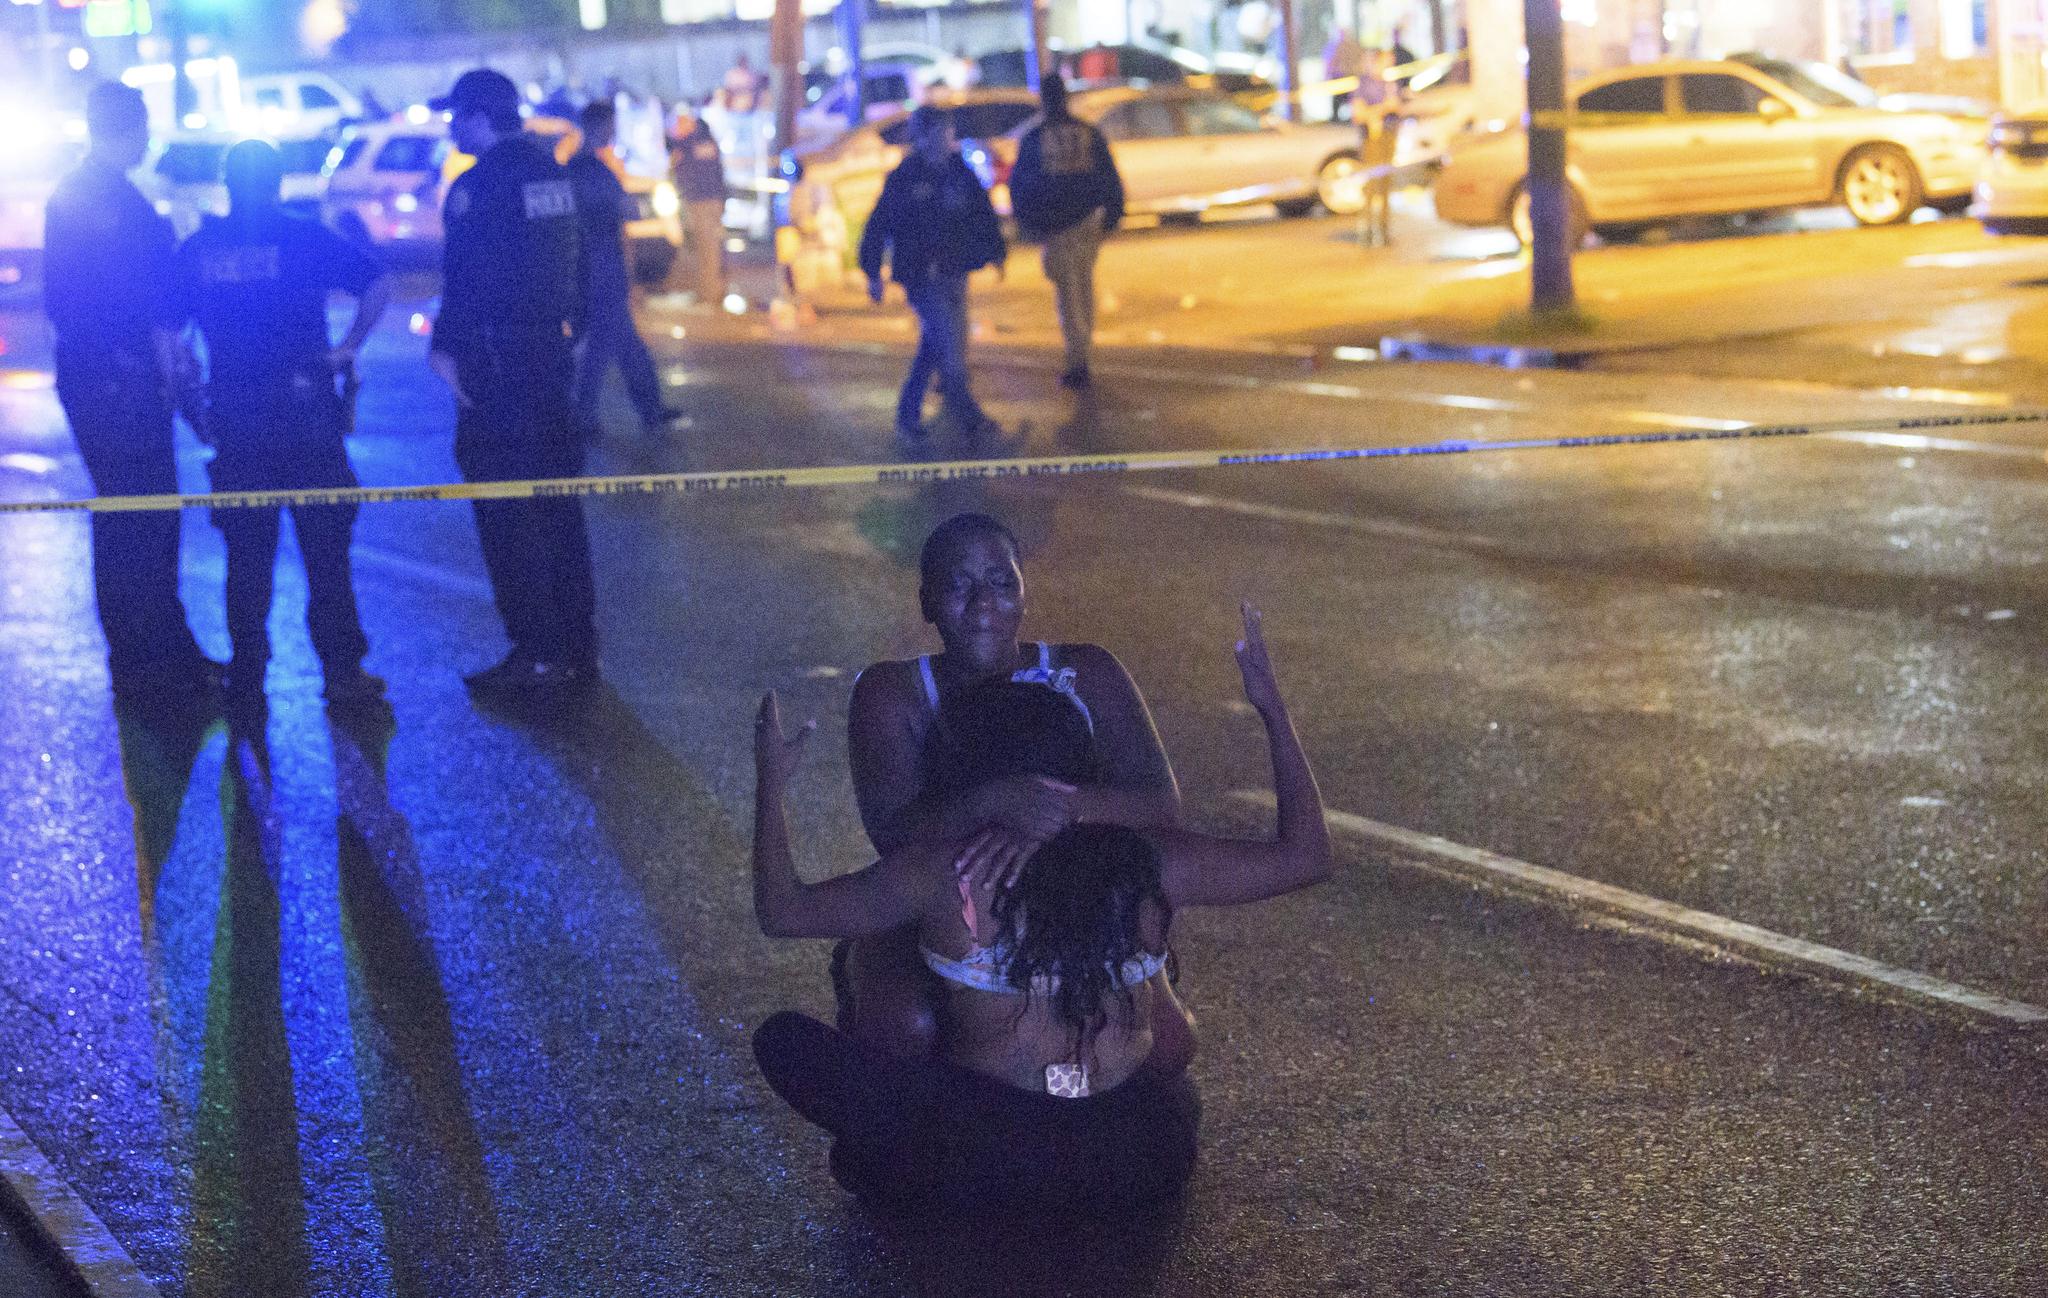 美 뉴올리언스서 총기난사…사망 3명 등 최소 10명 사상